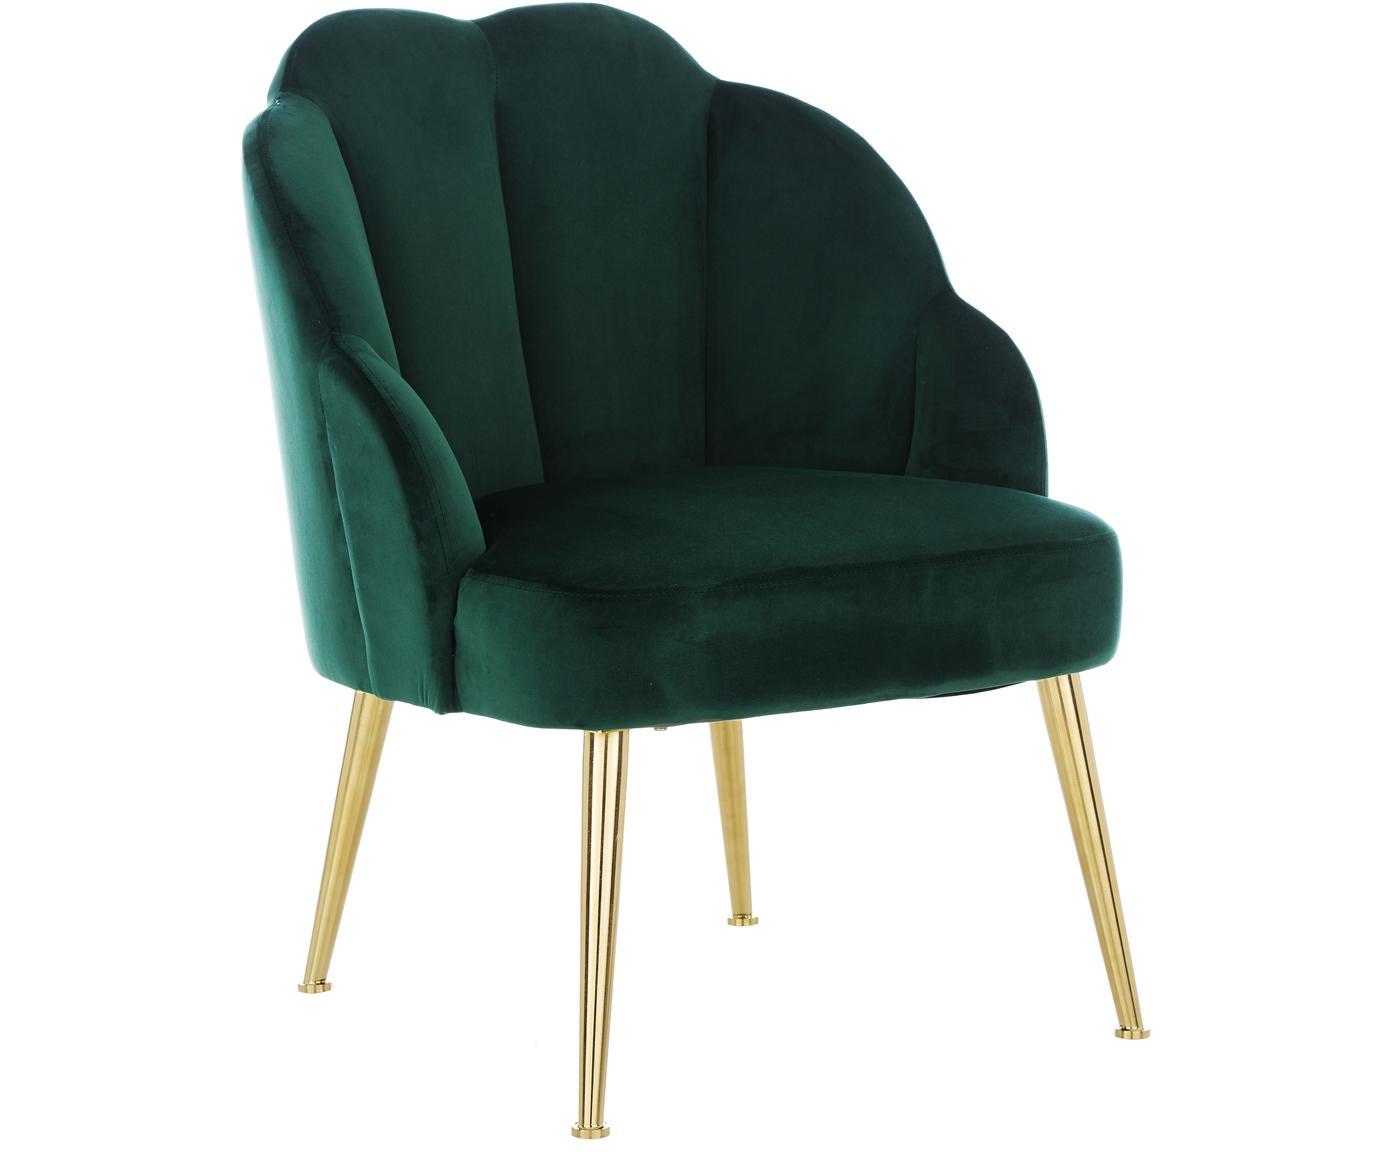 Fotel koktajlowy z aksamitu Helle, Tapicerka: aksamit (poliester) 30 00, Nogi: metal malowany proszkowo, Aksamitny ciemny zielony, S 65 x G 65 cm